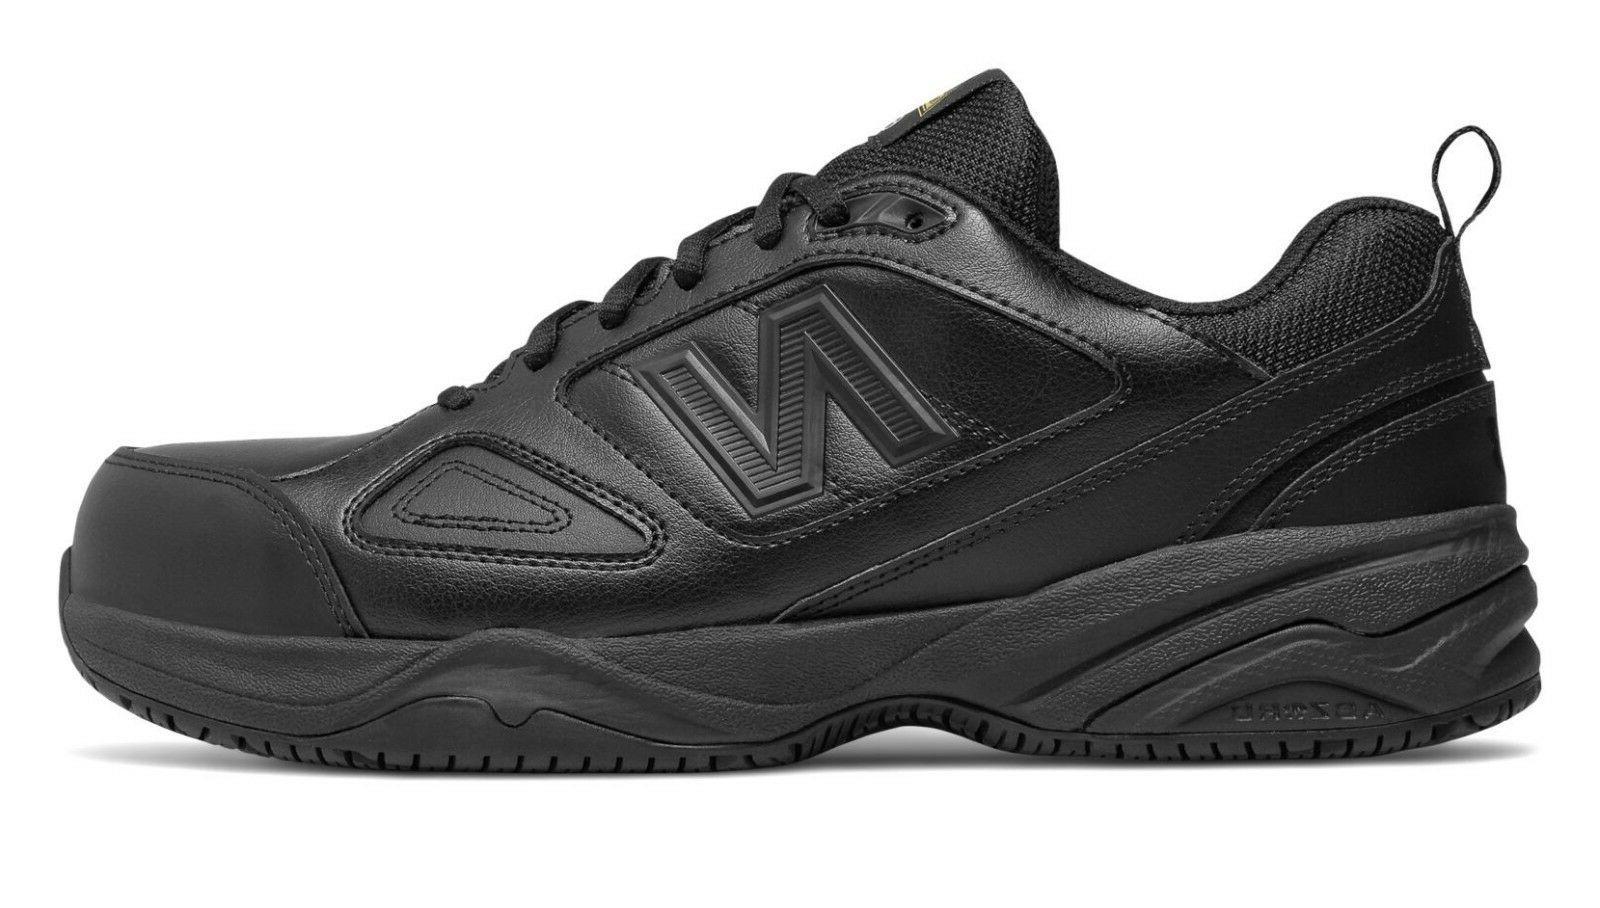 New Balance MID627B2 Men's 627v2 Black Leather Steel Toe Ind